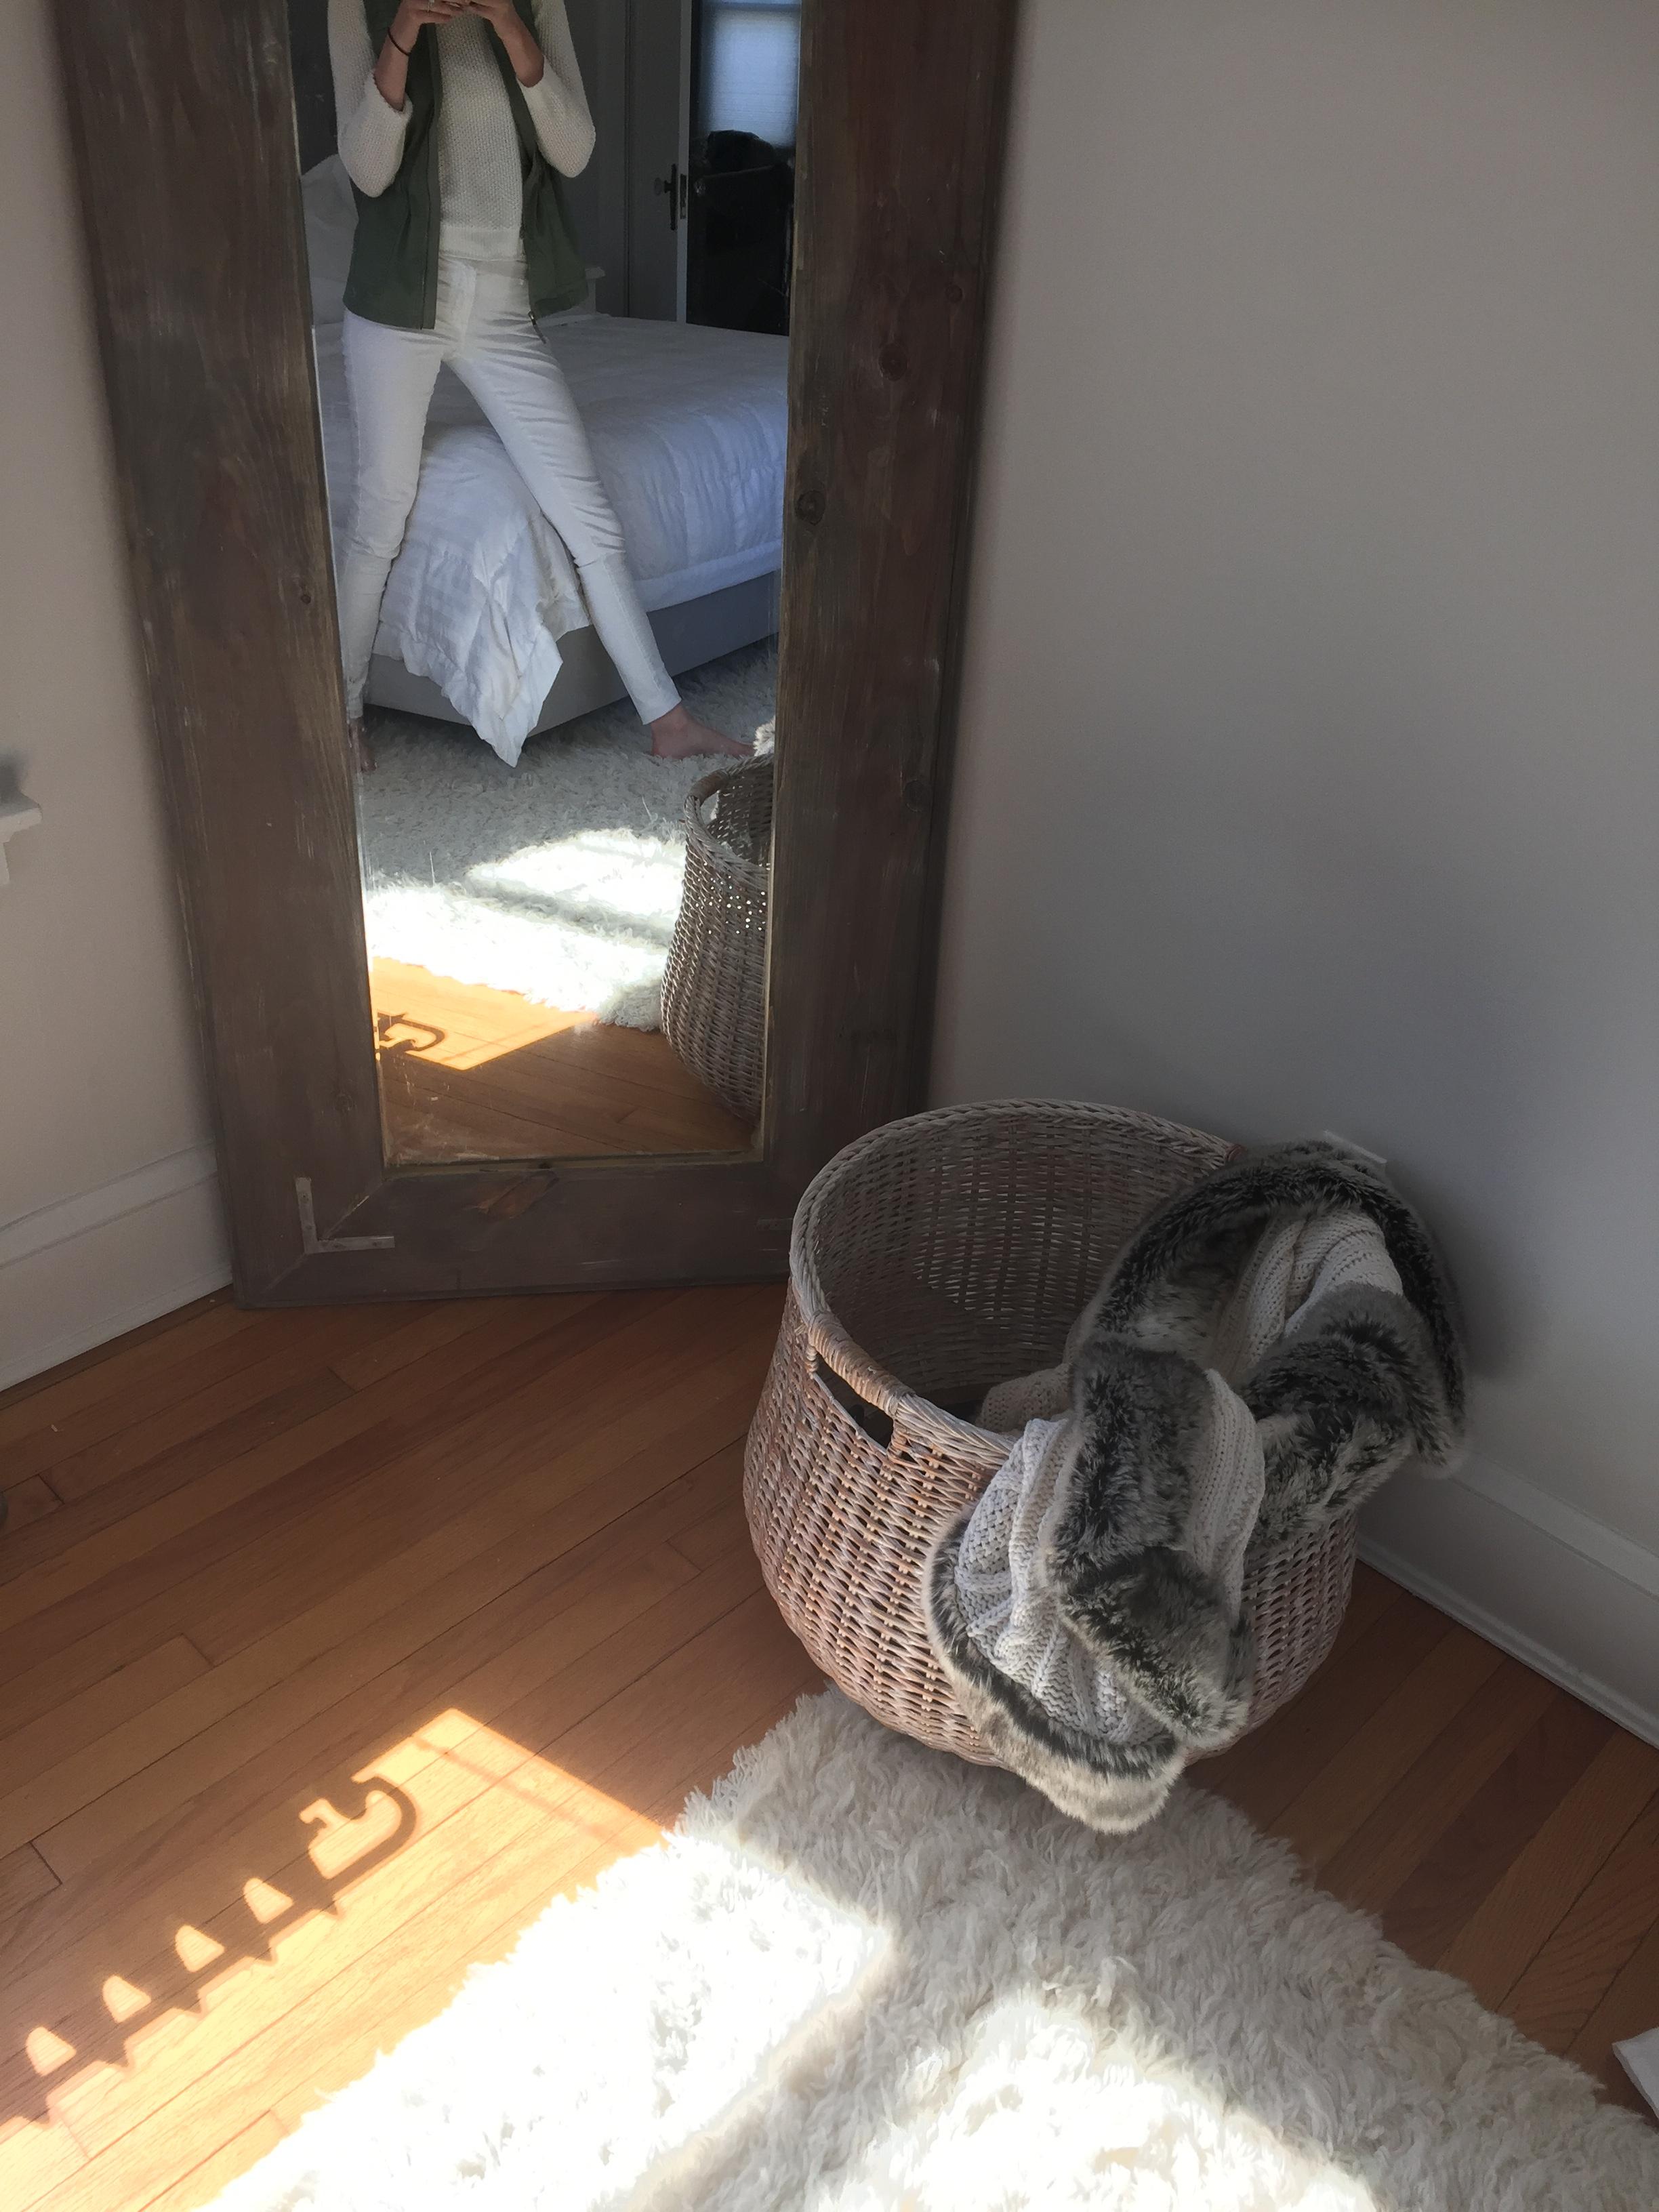 Diy Wood Floor Mirror Pinteresting Plans